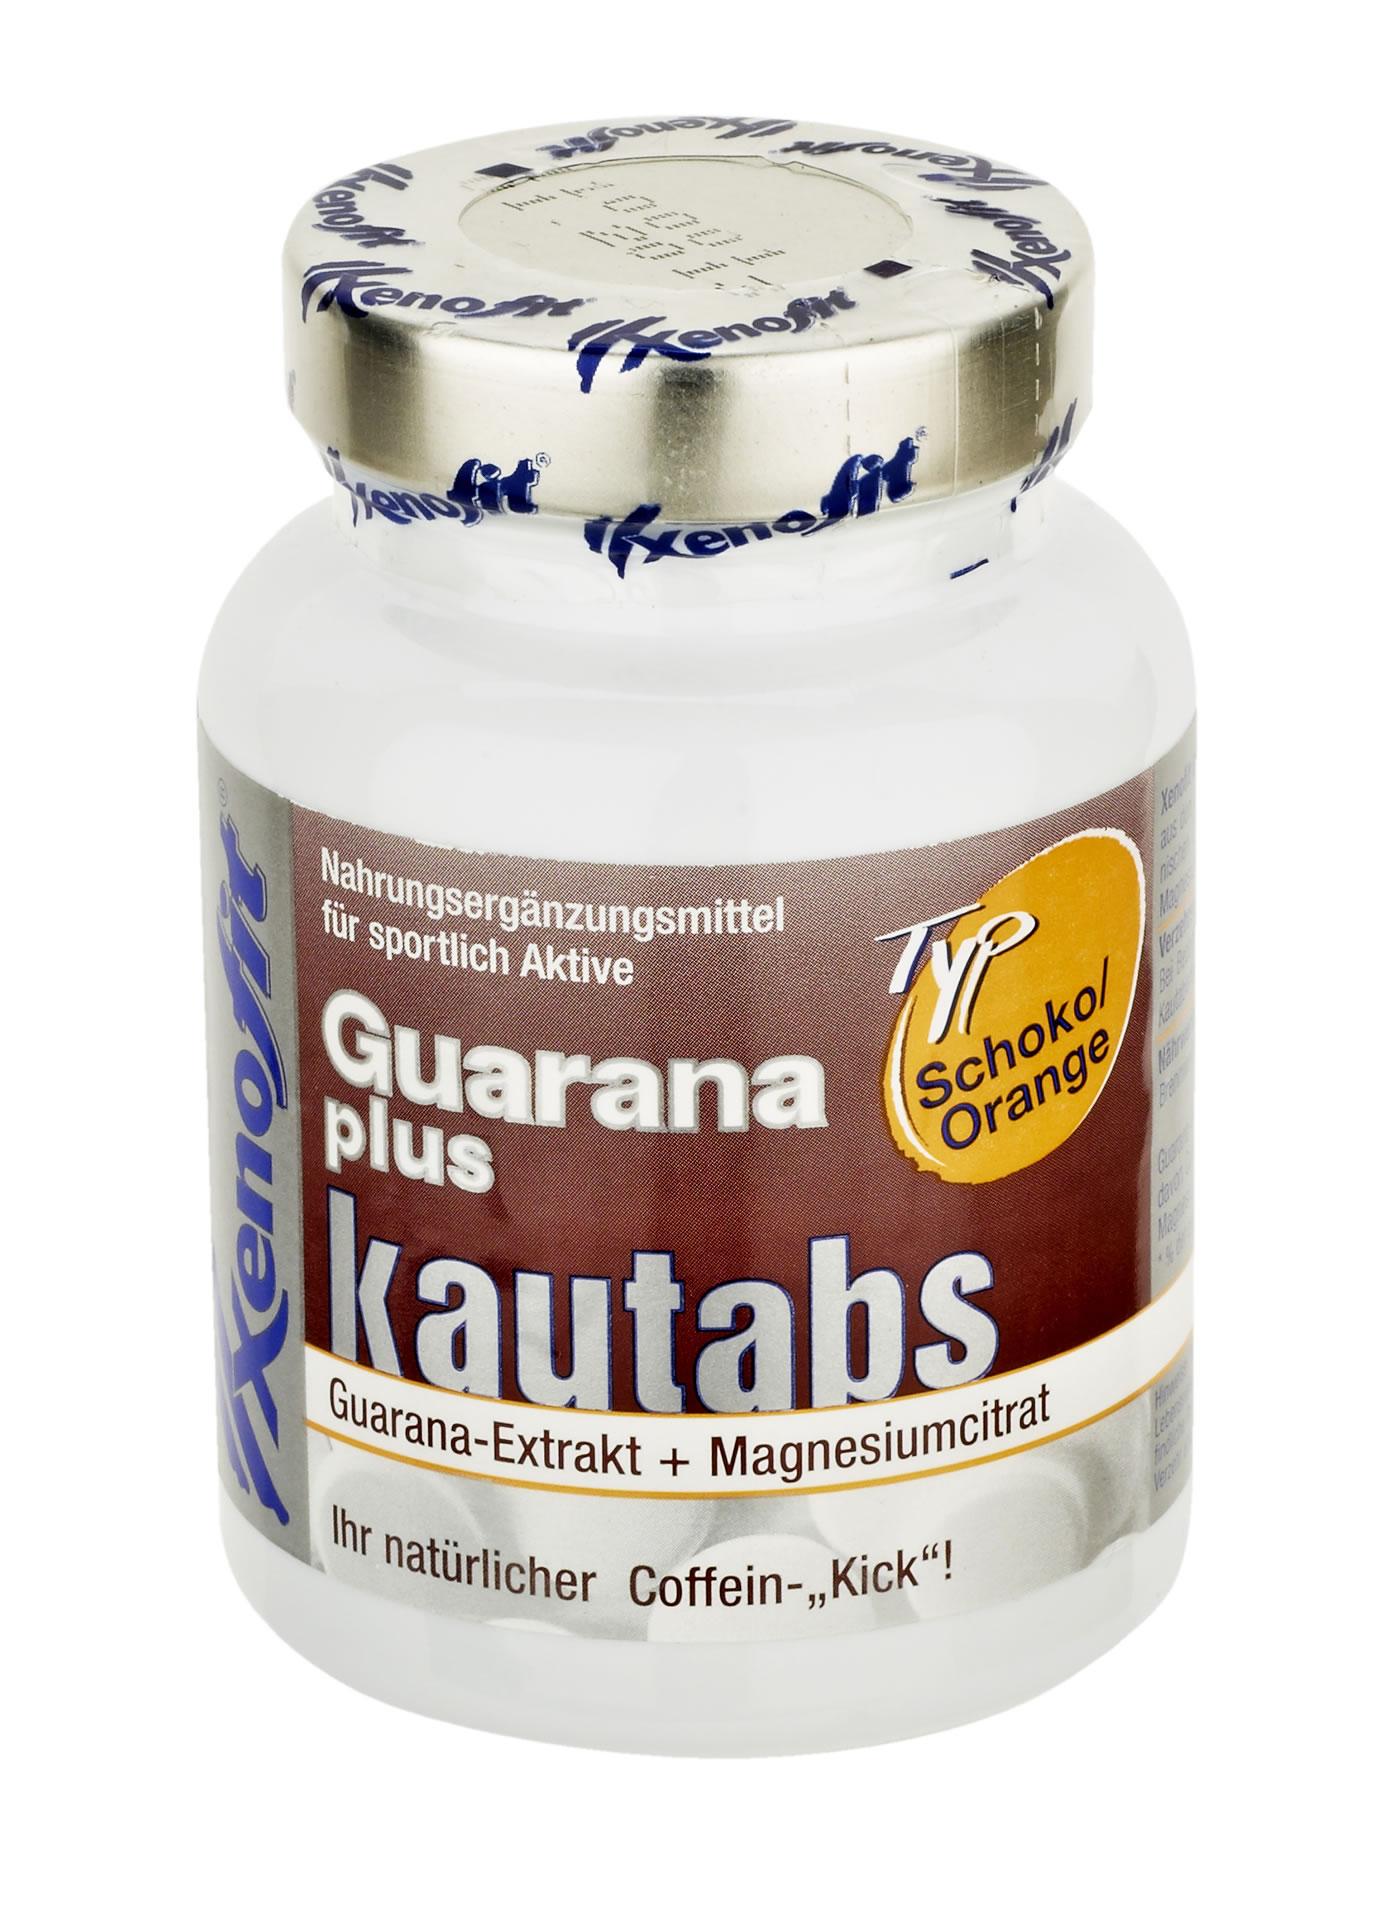 Xenofit Guarana - Eine Kautablette für den natürlichen Coffein-Kick